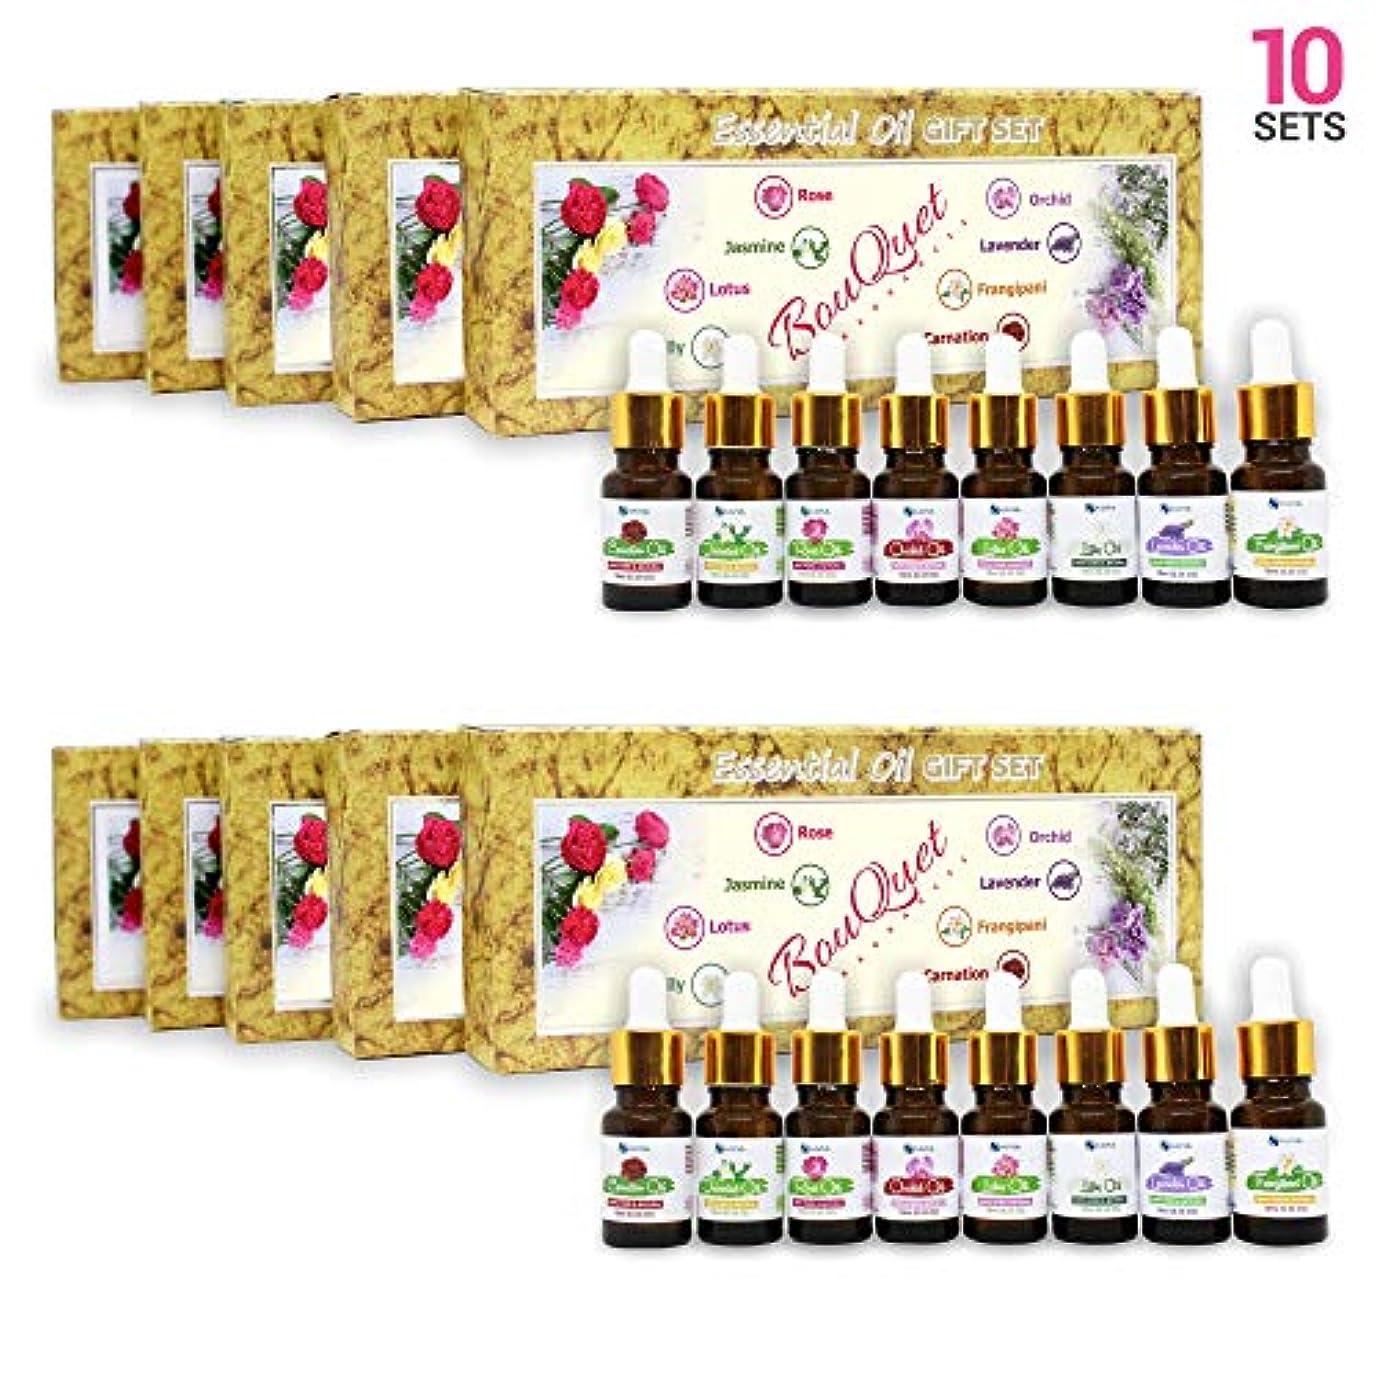 放映動機付ける肉腫Aromatherapy Fragrance Oils (Set of 10) - 100% Natural Therapeutic Essential Oils, 10ml each (Rose, Jasmine, Lotus...